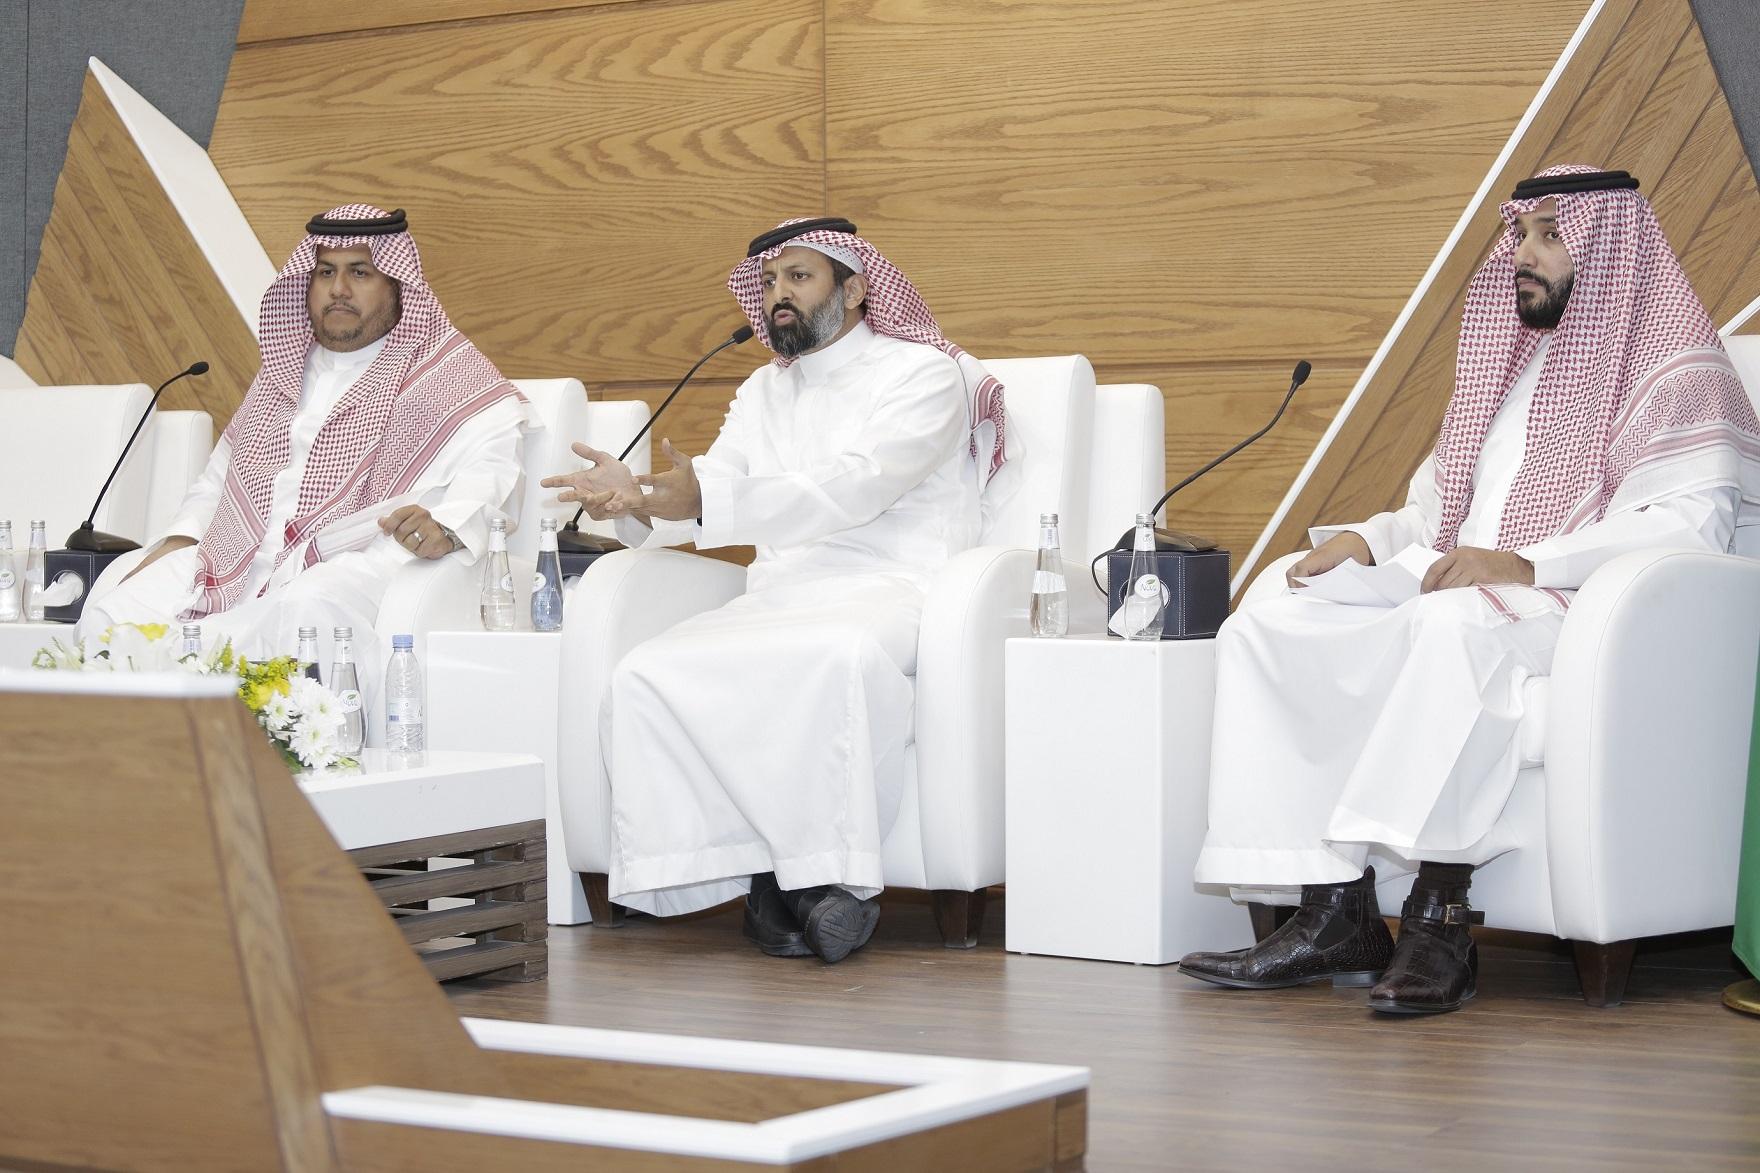 القويز: السوق السعودية قادرة على اجتذاب المستثمرين الأجانب